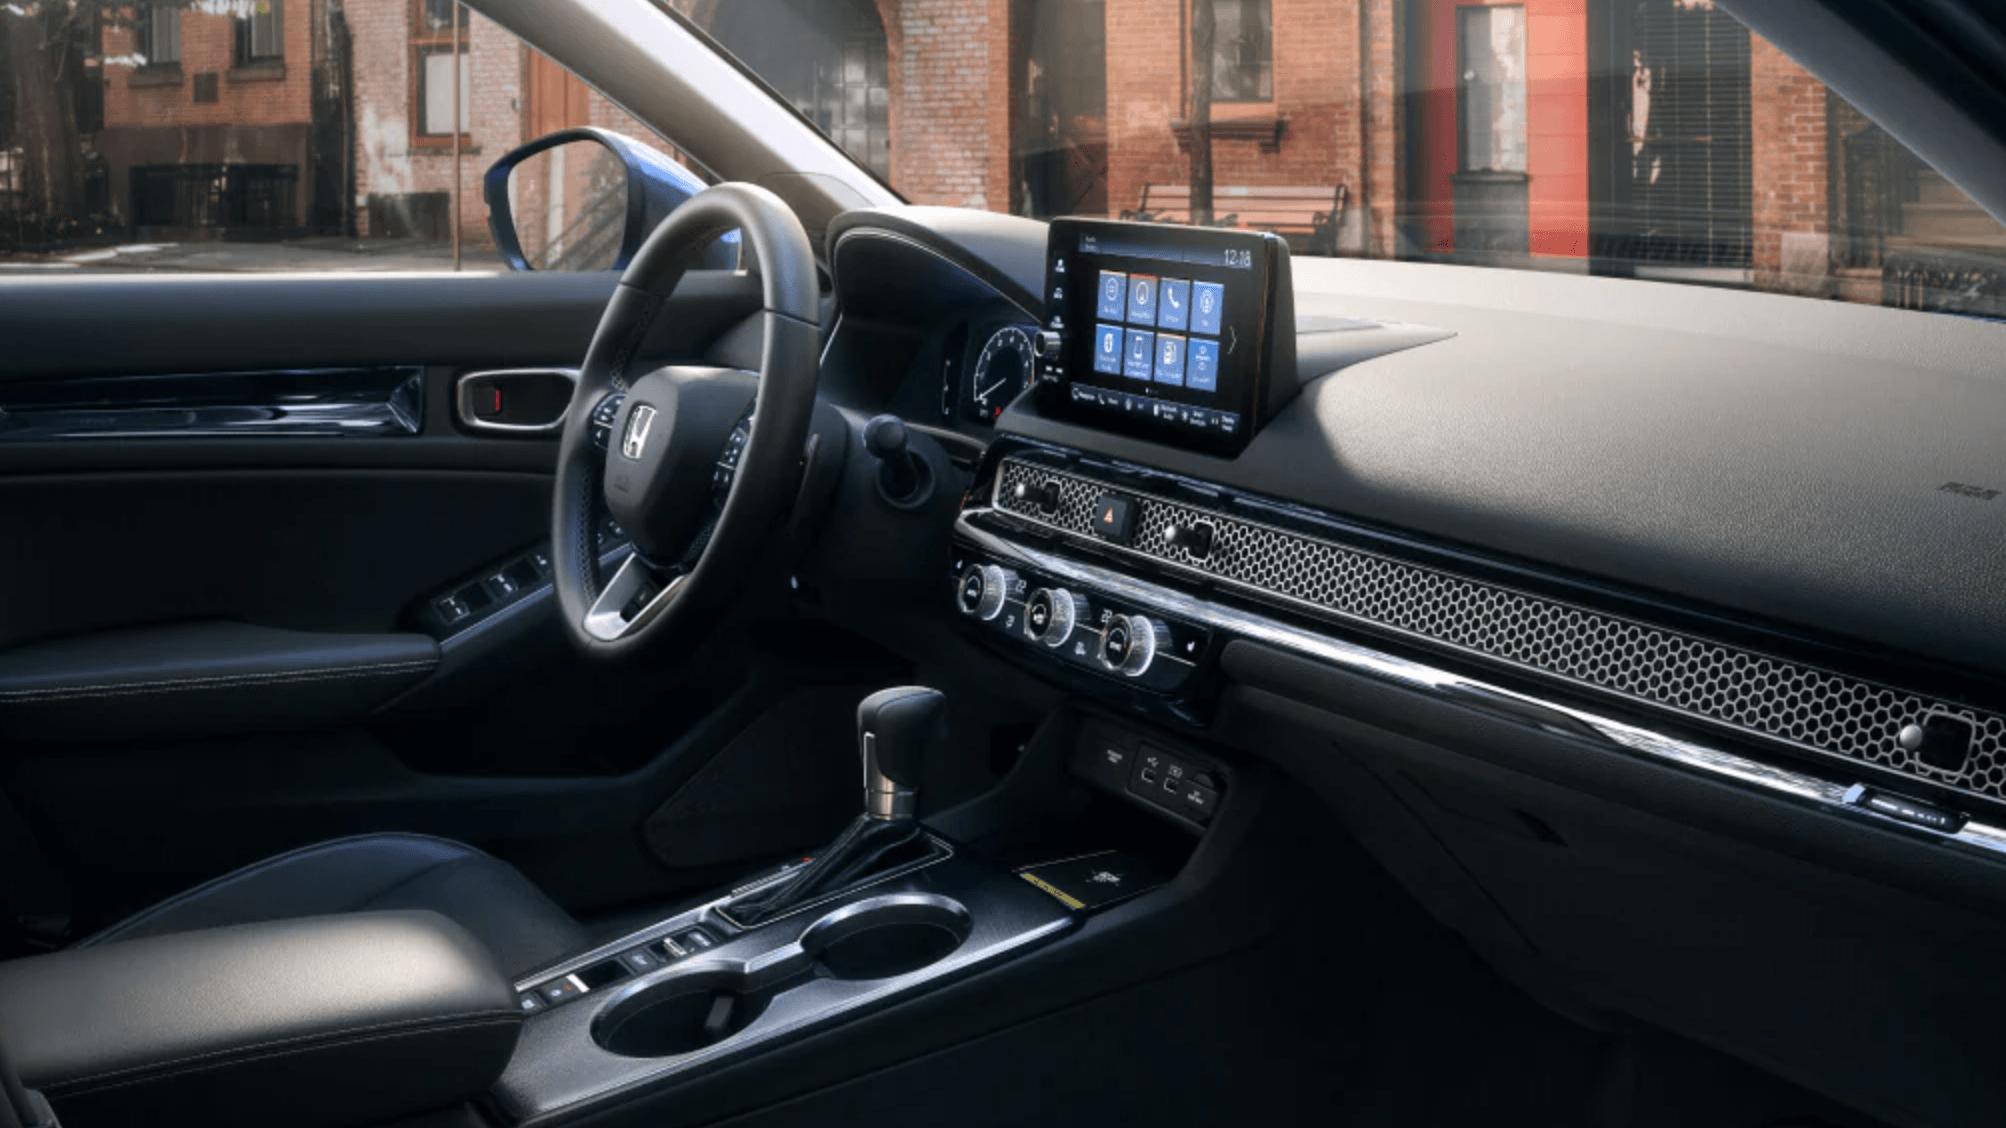 2022 Honda Civic Interior at Richmond Hill Honda in Toronto and the GTA